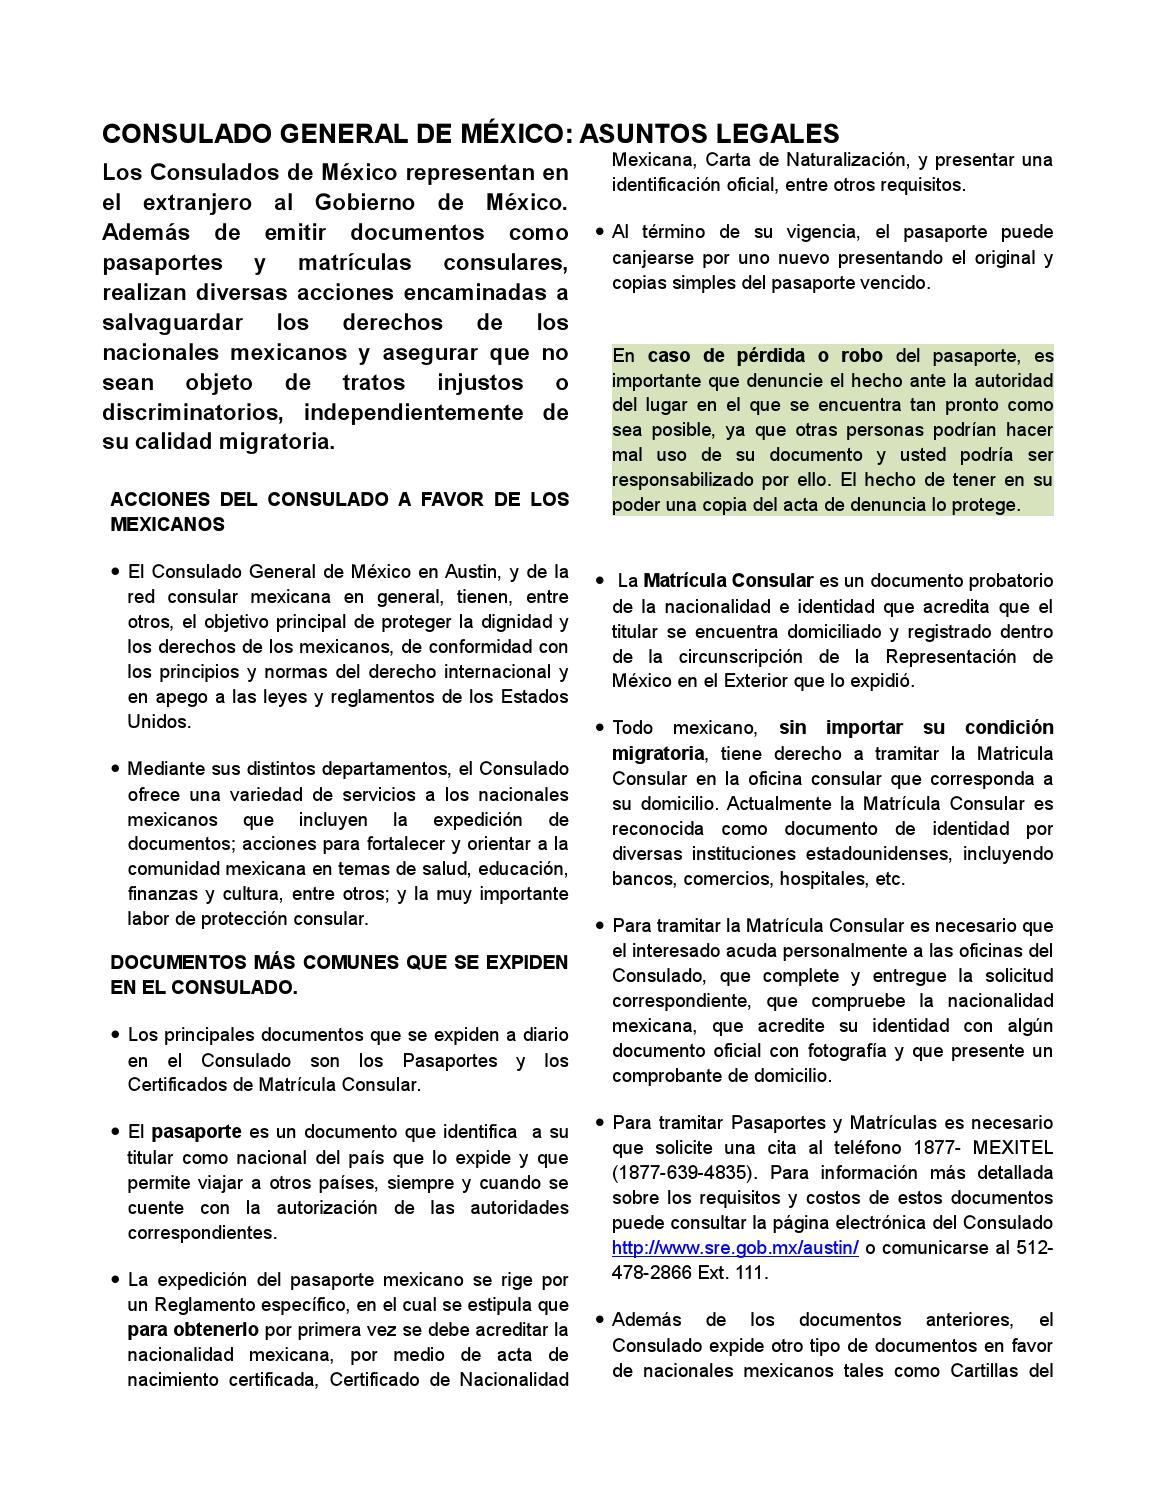 Handout protección by Blanca gavino - issuu